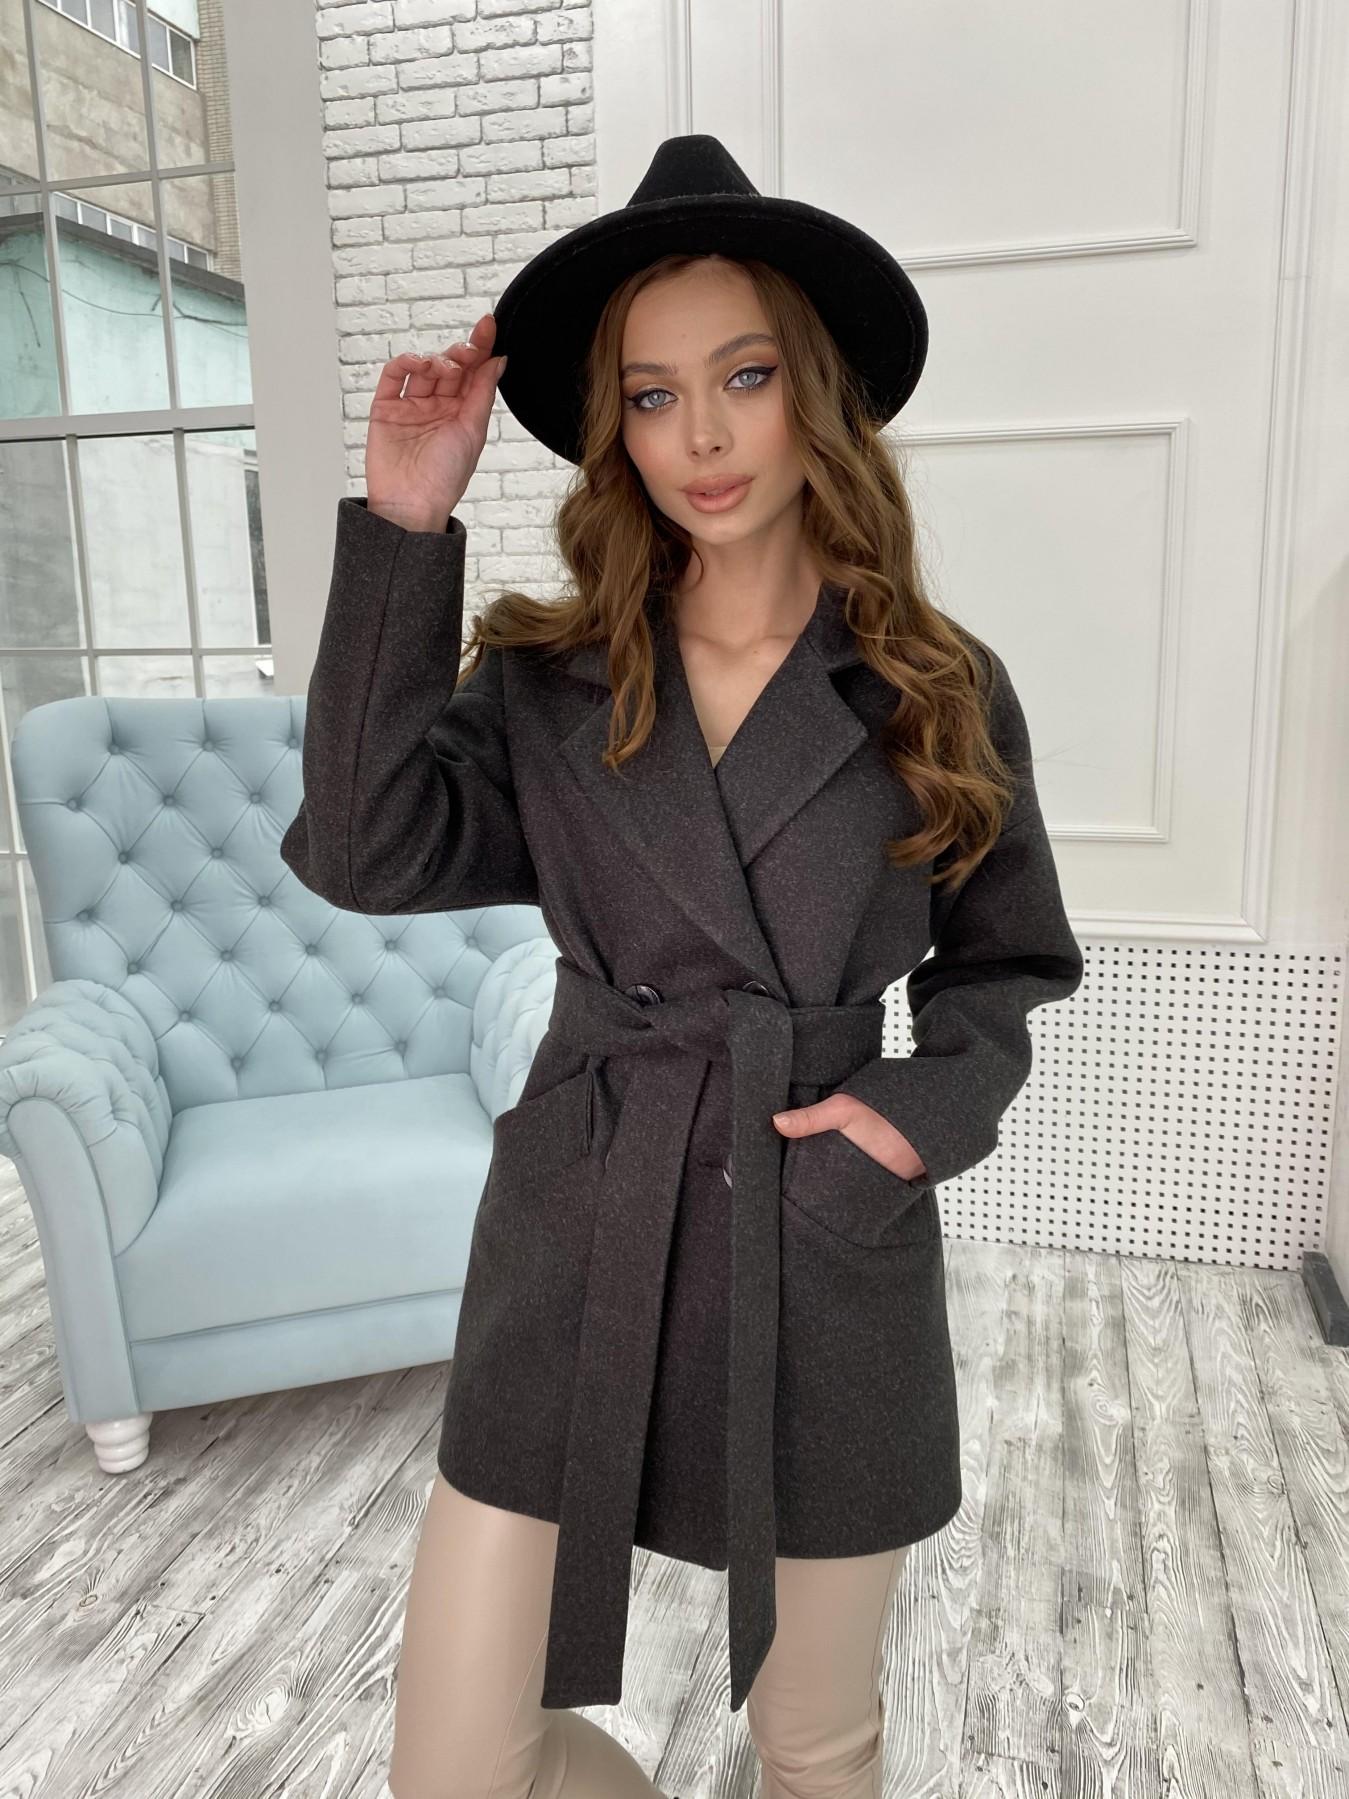 Магазины женского демисезонного пальто от Modus Бонд пальто  кашемировое меланж на трикотаже  10644